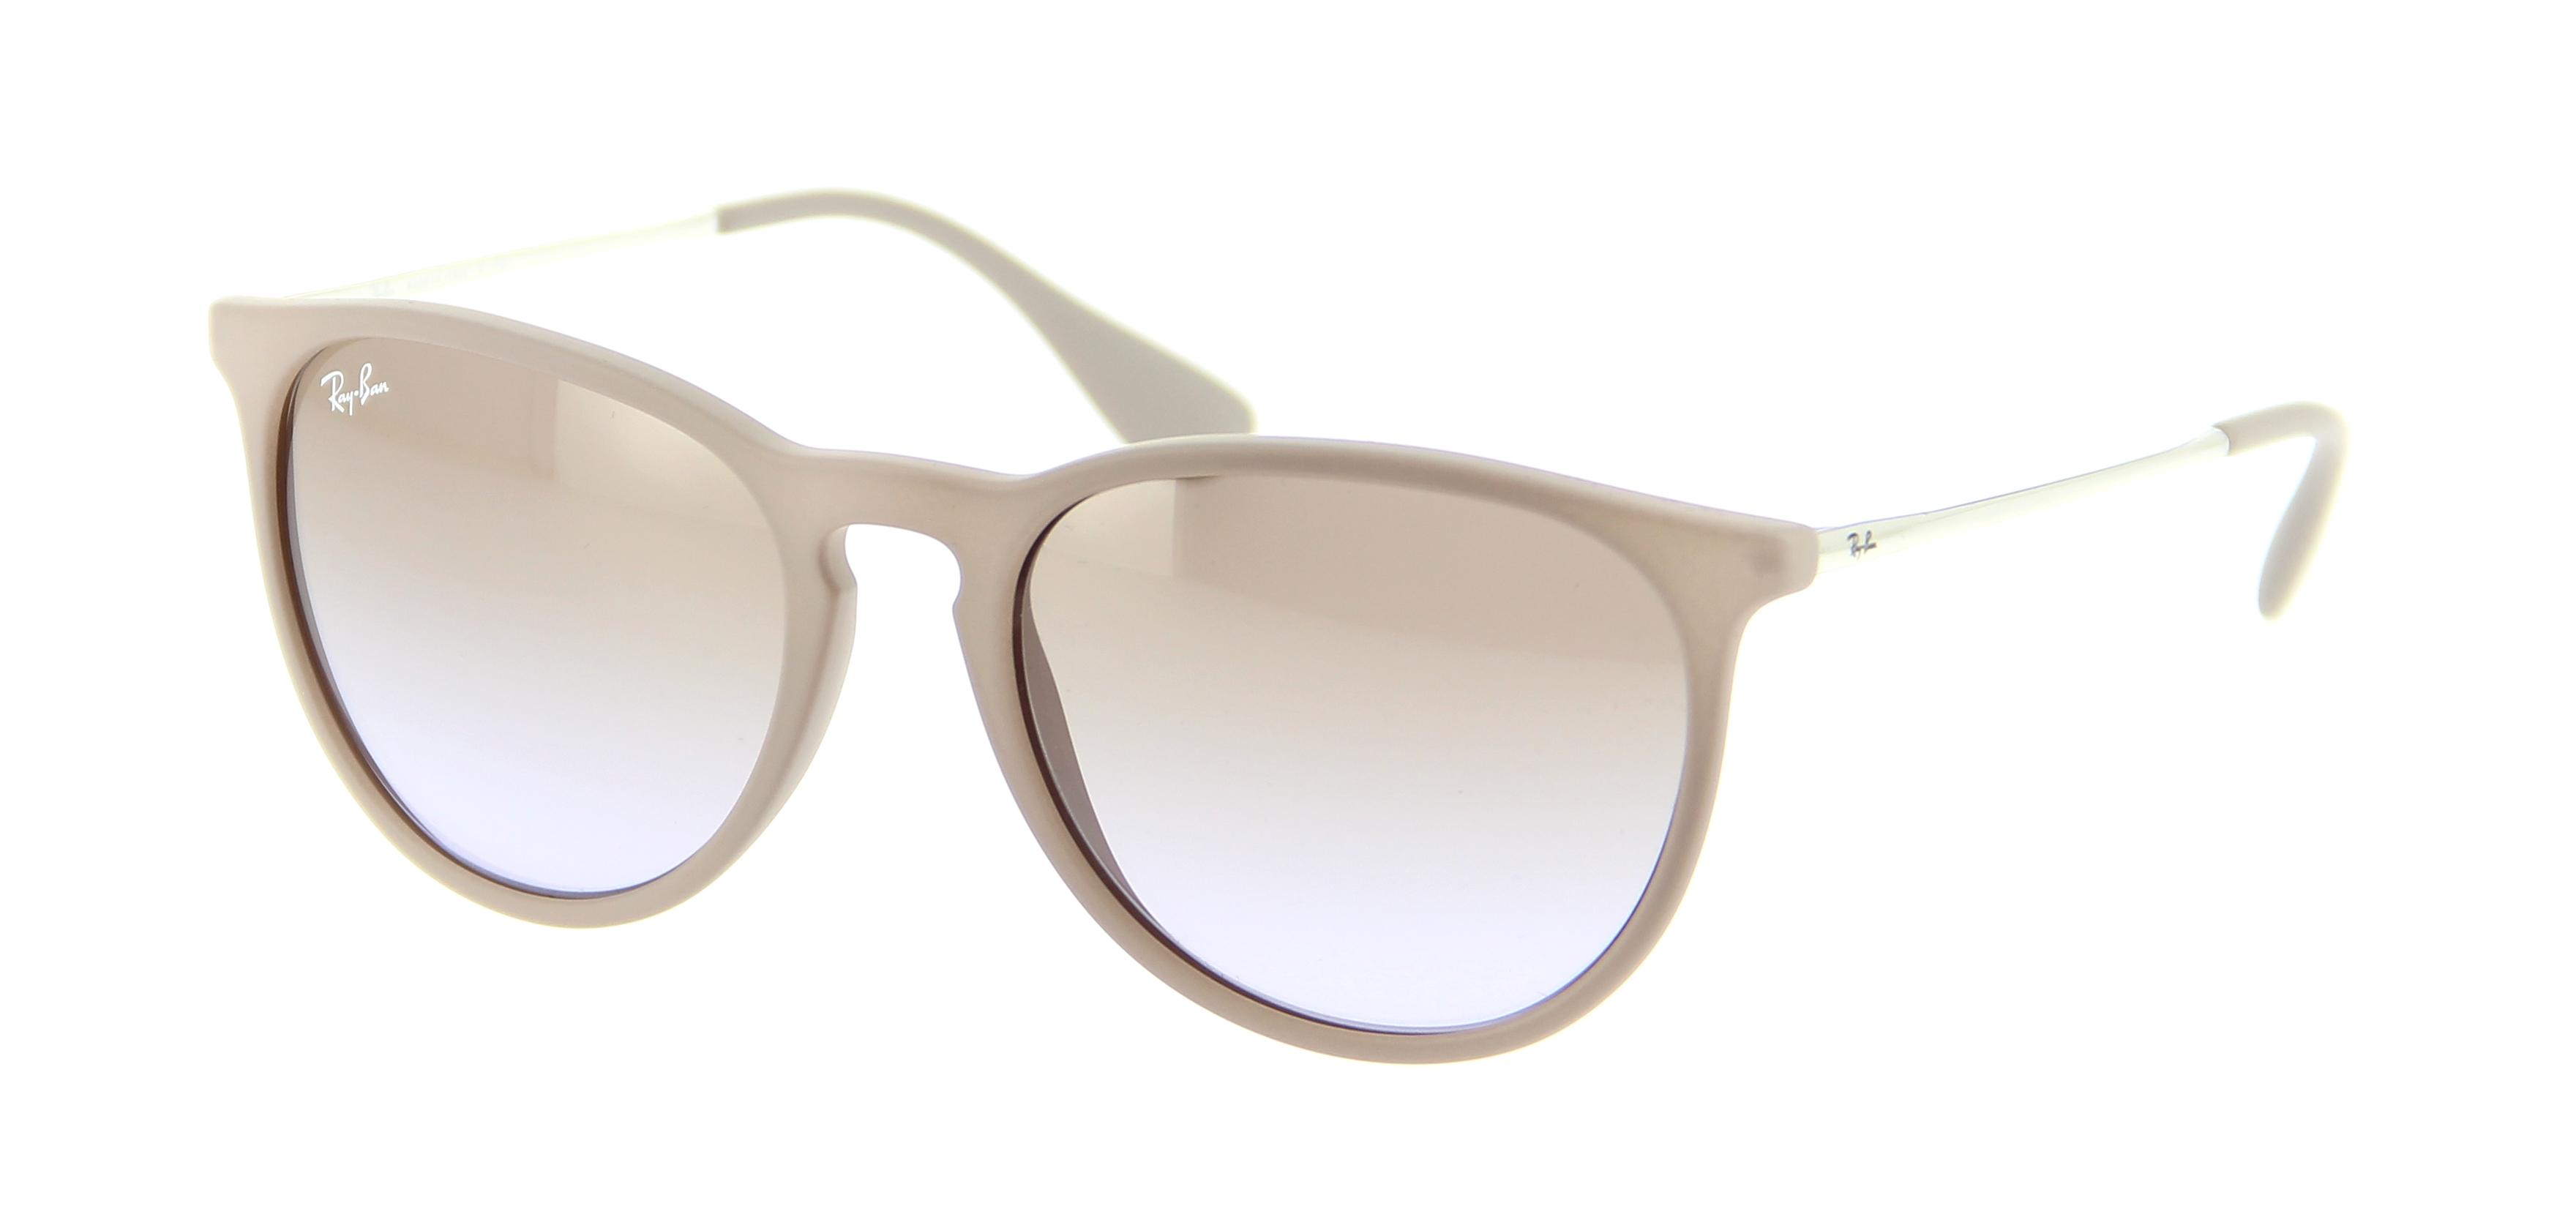 85e6fd533fc4e7 Liste de produits lunettes de soleil et prix lunettes de soleil ...